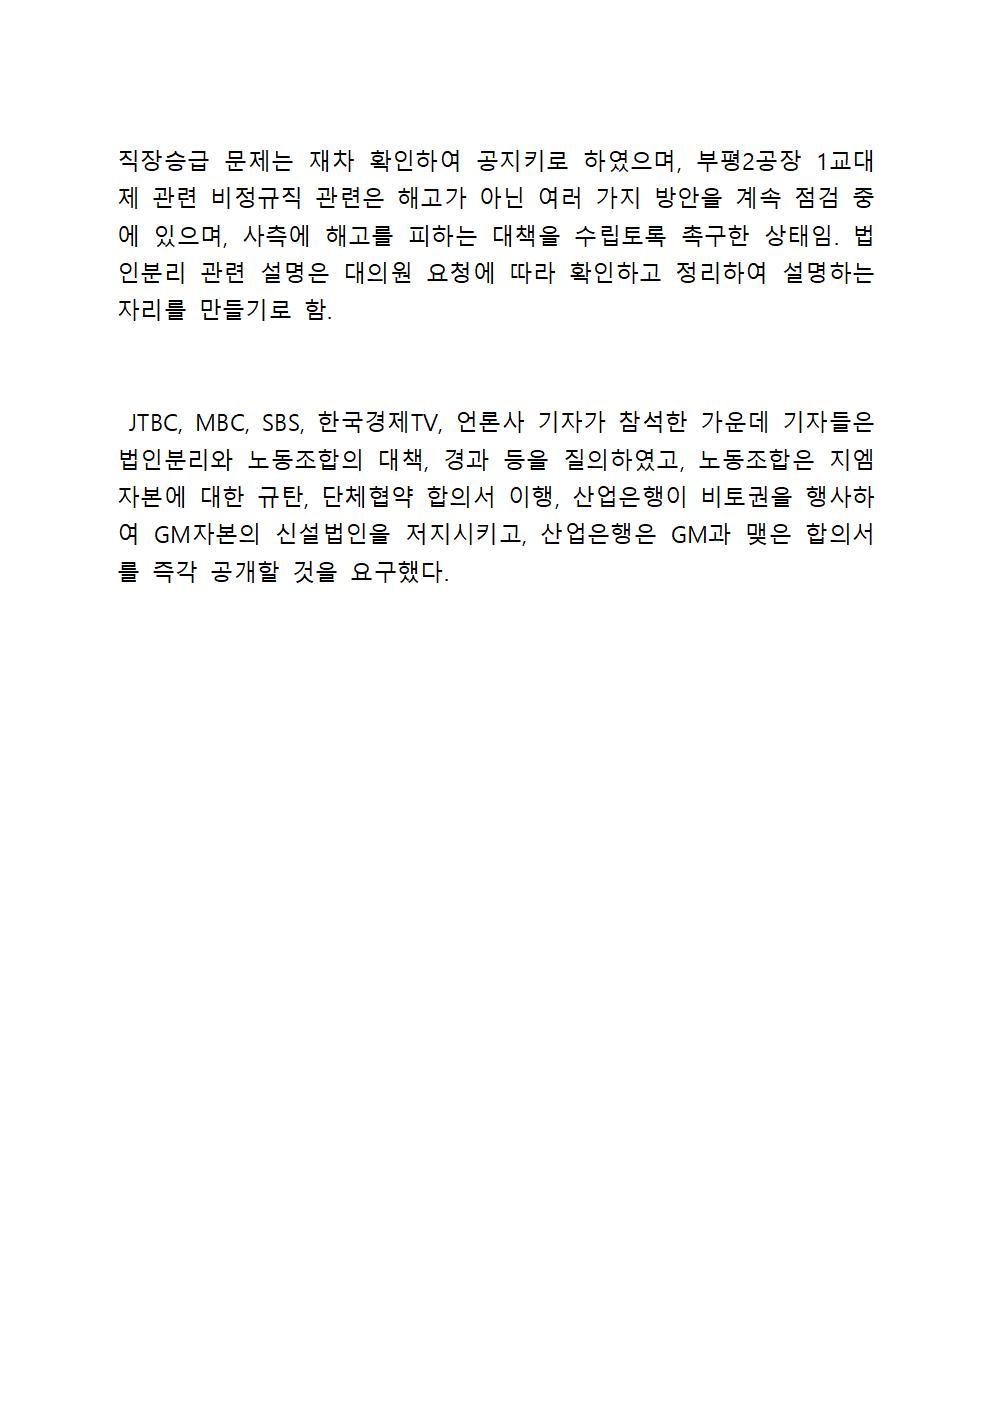 제465차간부합동회의결과002.jpg